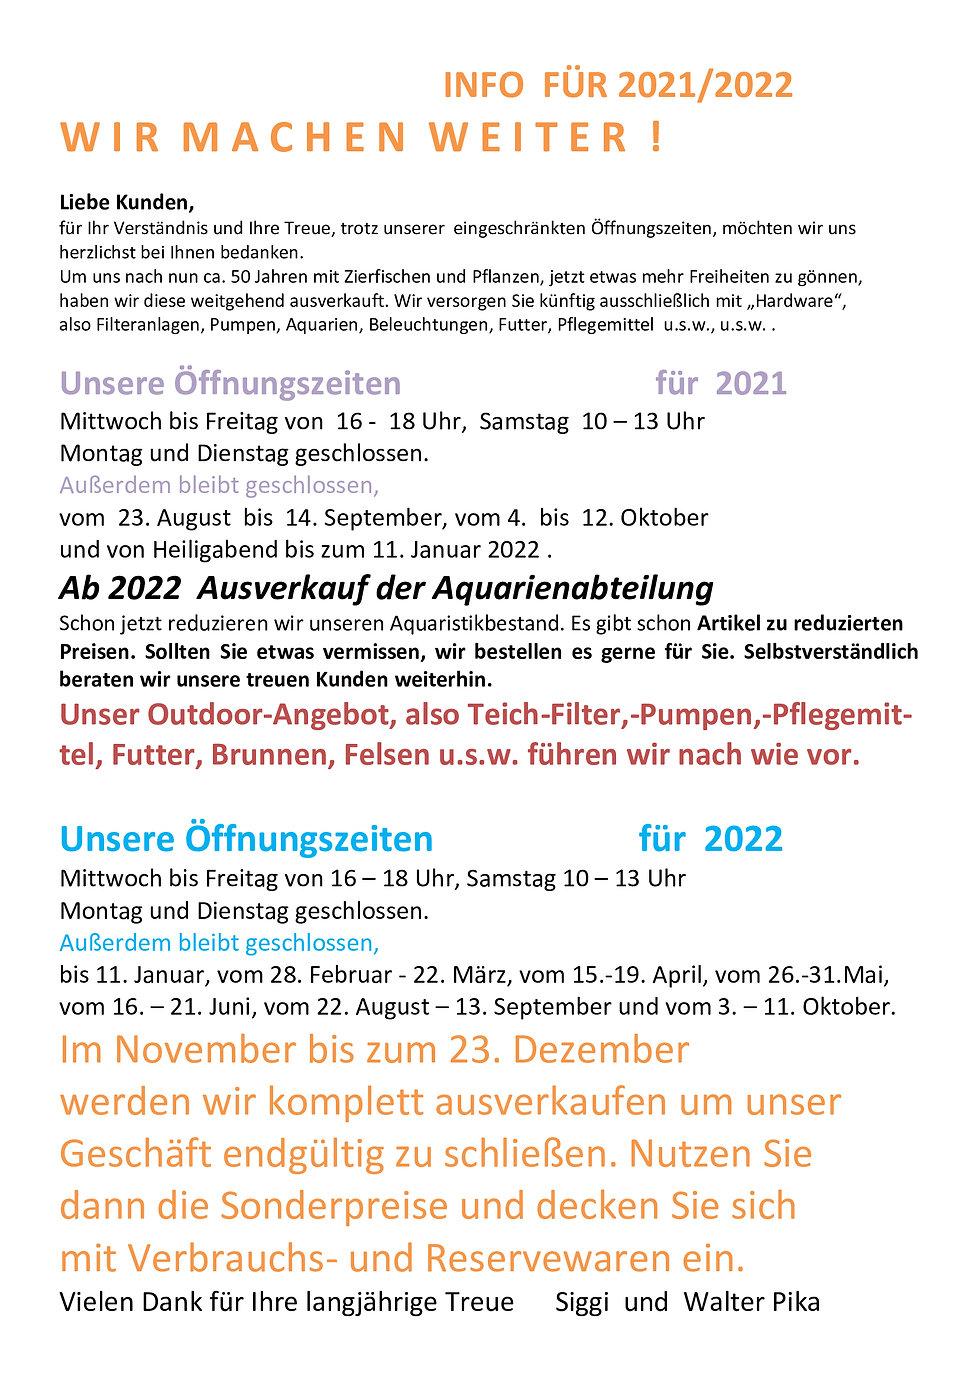 Info Für 2022.jpg